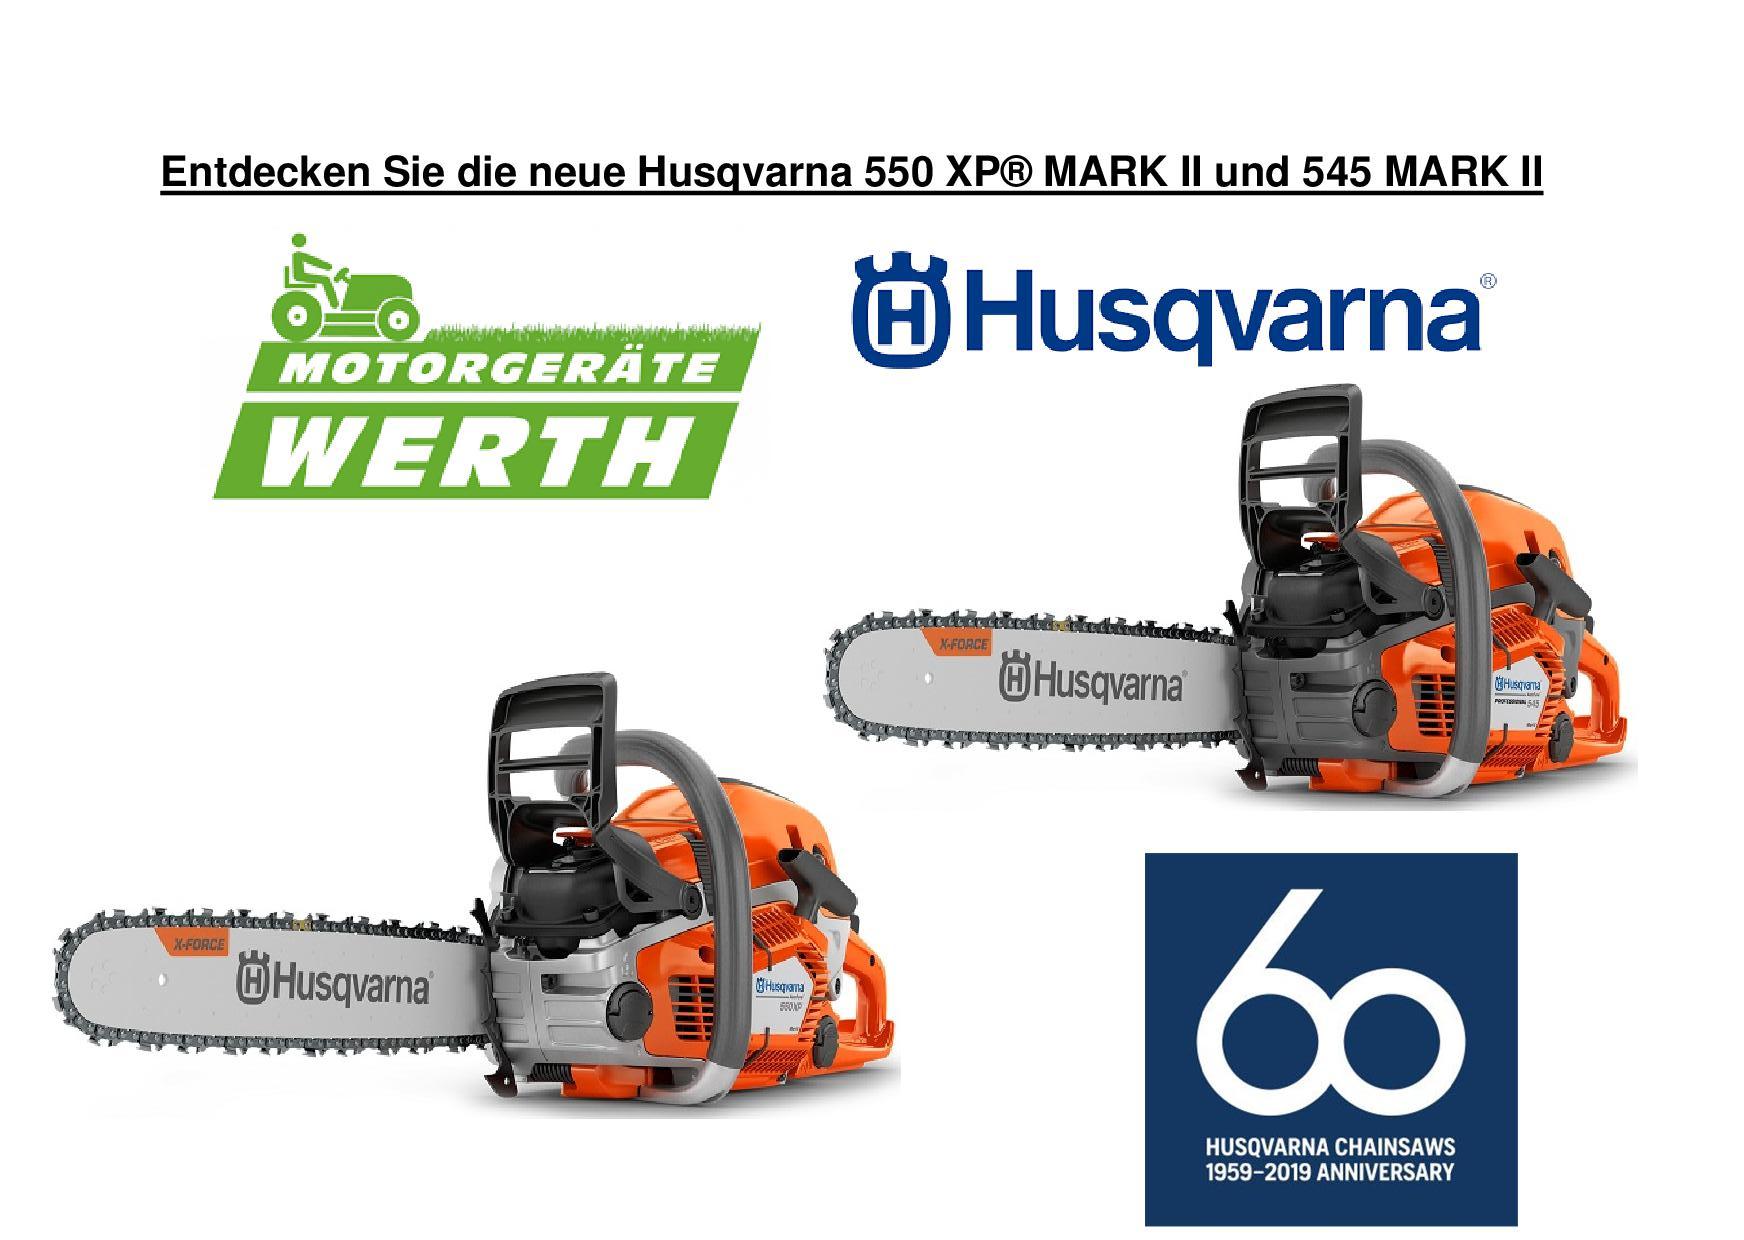 Husqvarna Motorsäge Neuheit 550XP Mark 2 und 545 Mark 2 günstig kaufen